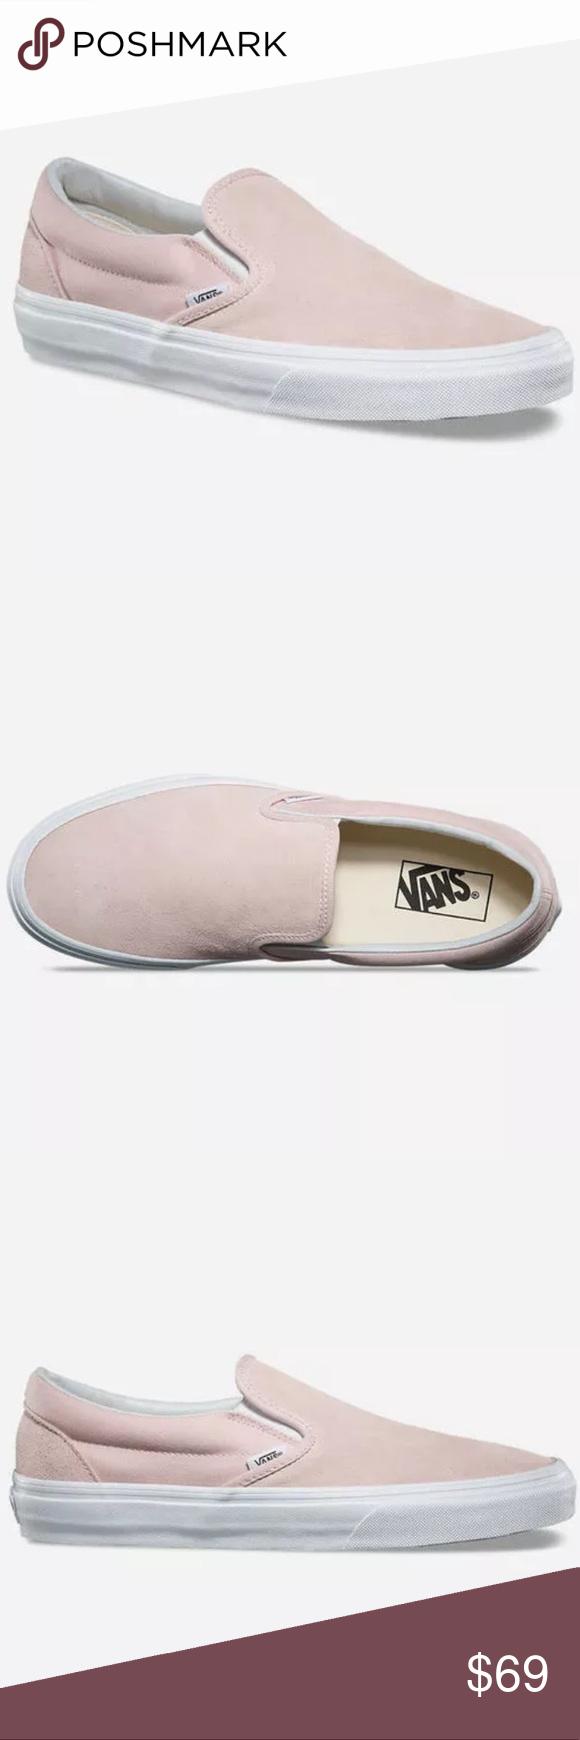 light pink suede vans